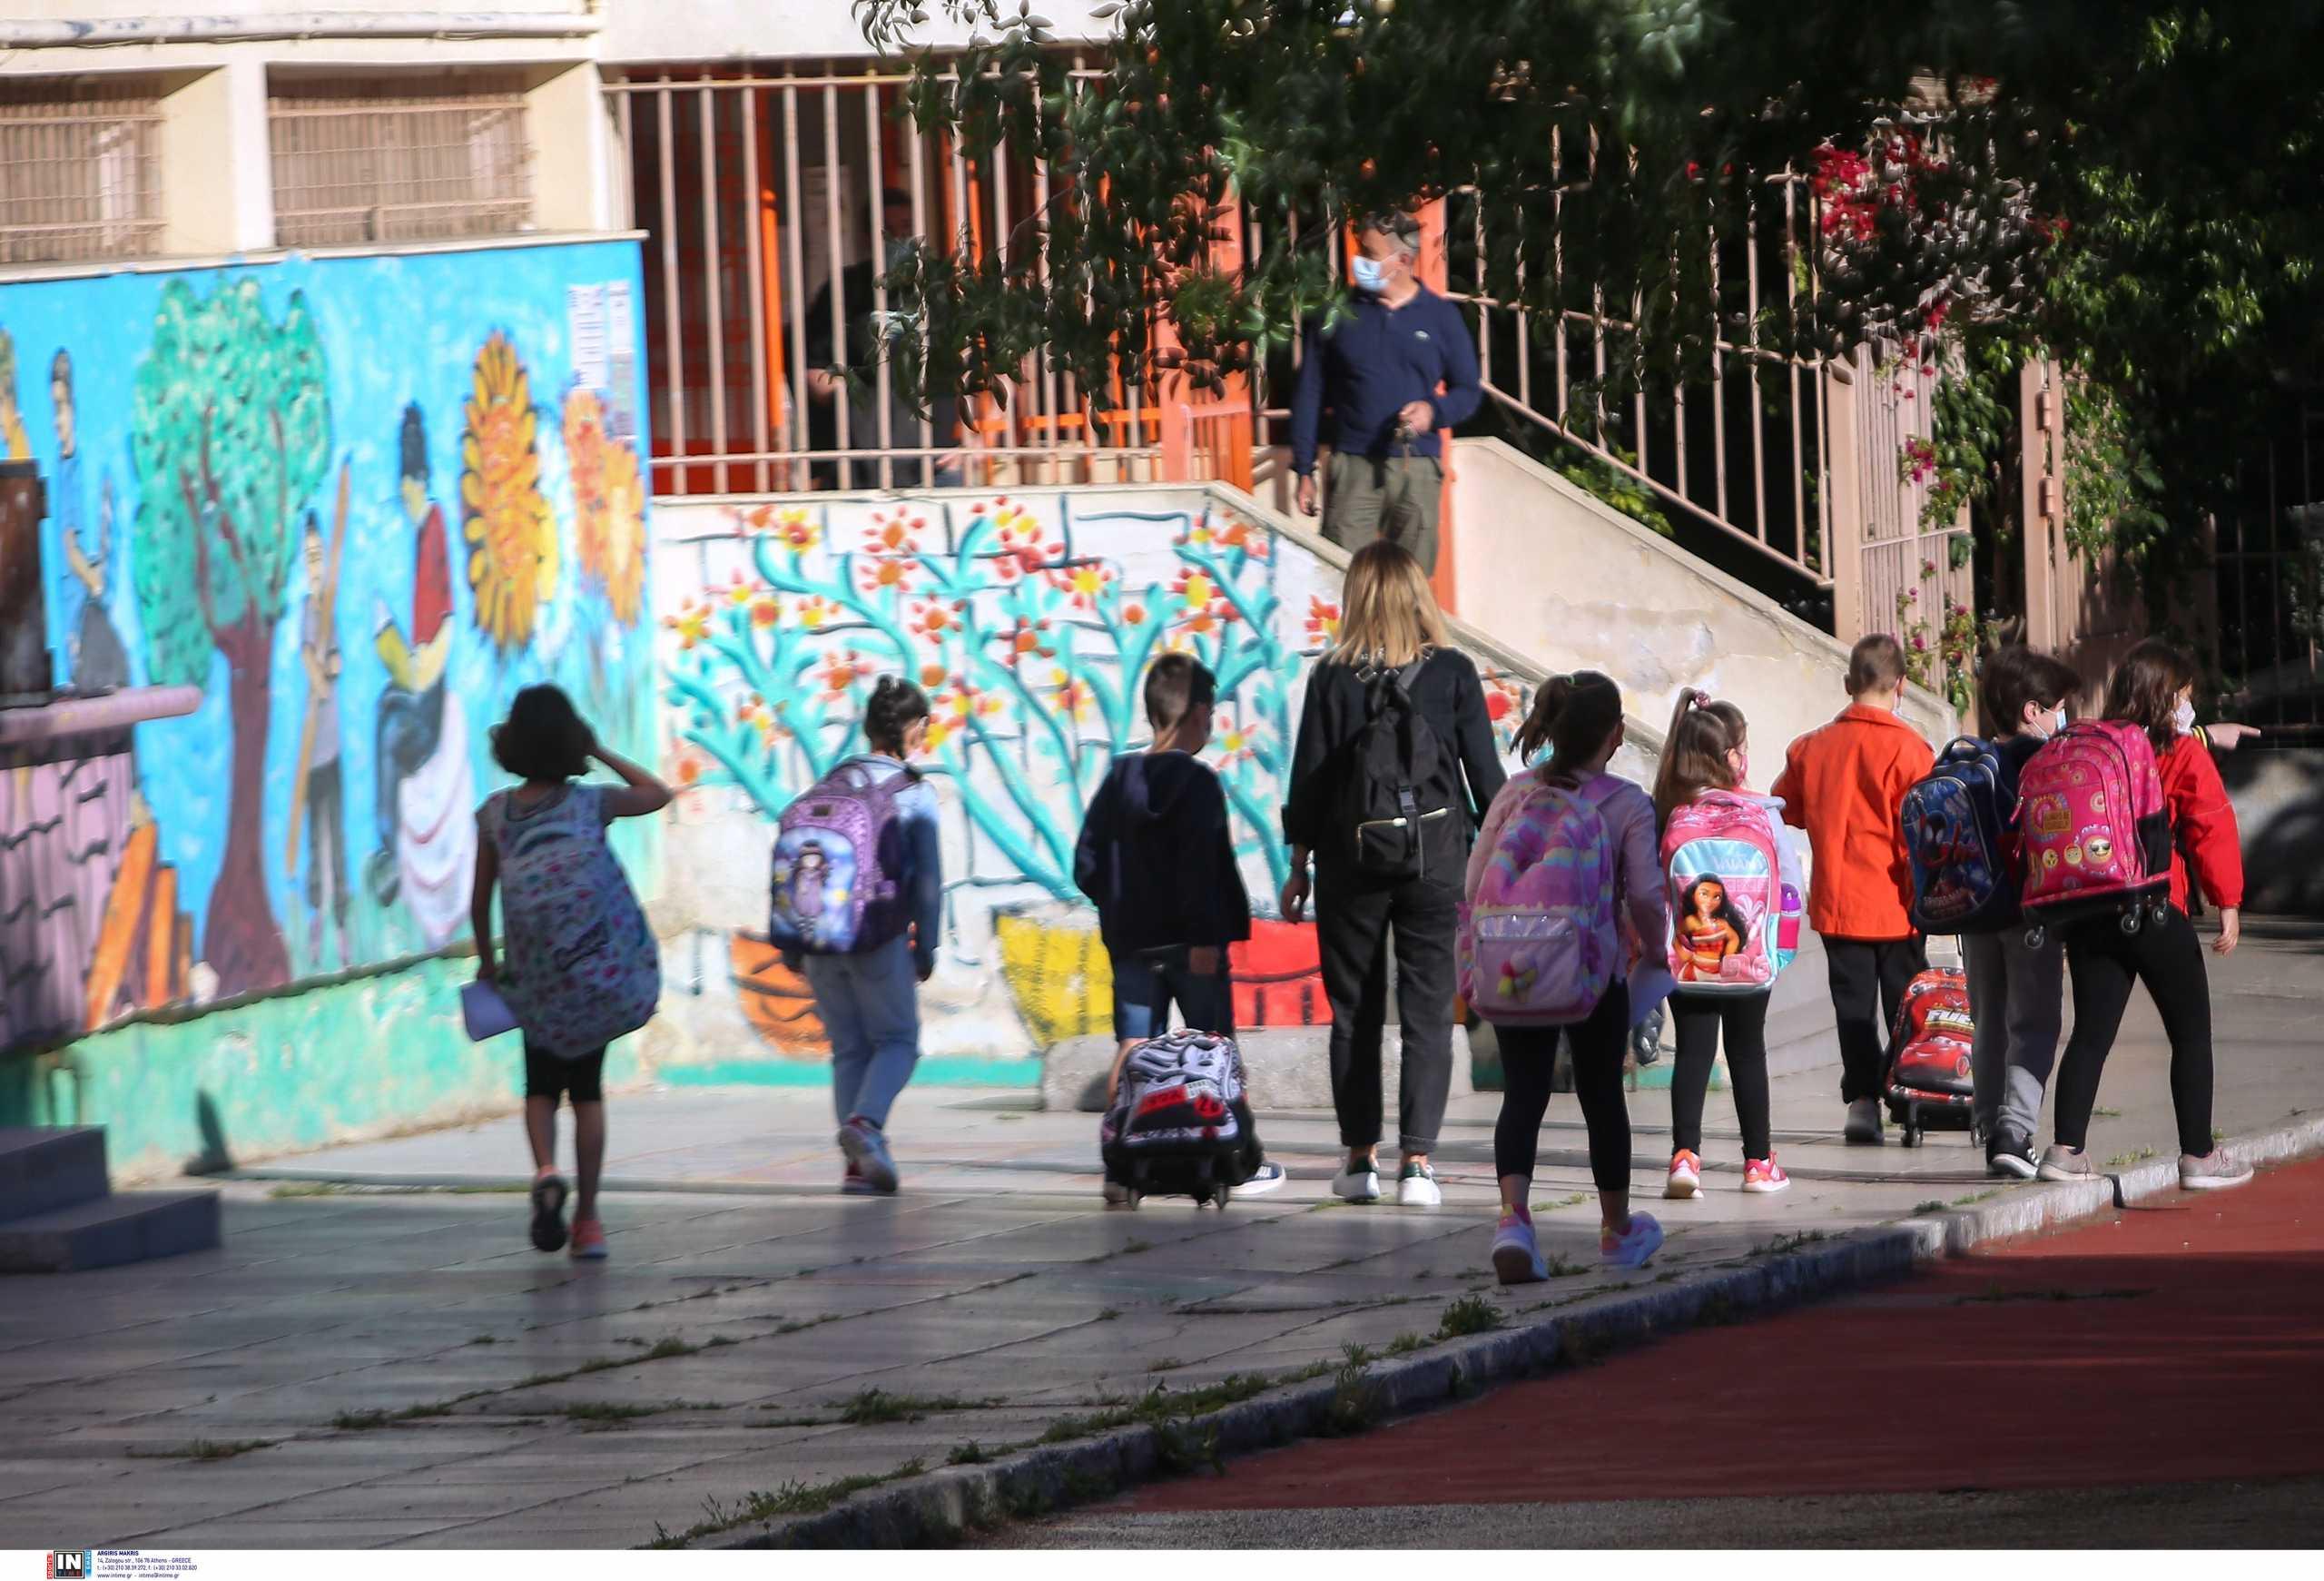 Άνοιγμα σχολείων – Ζέττα Μακρή: Δεν θα γυρίσουμε στην τηλεκπαίδευση – Νέα μέτρα για τη νέα χρονιά